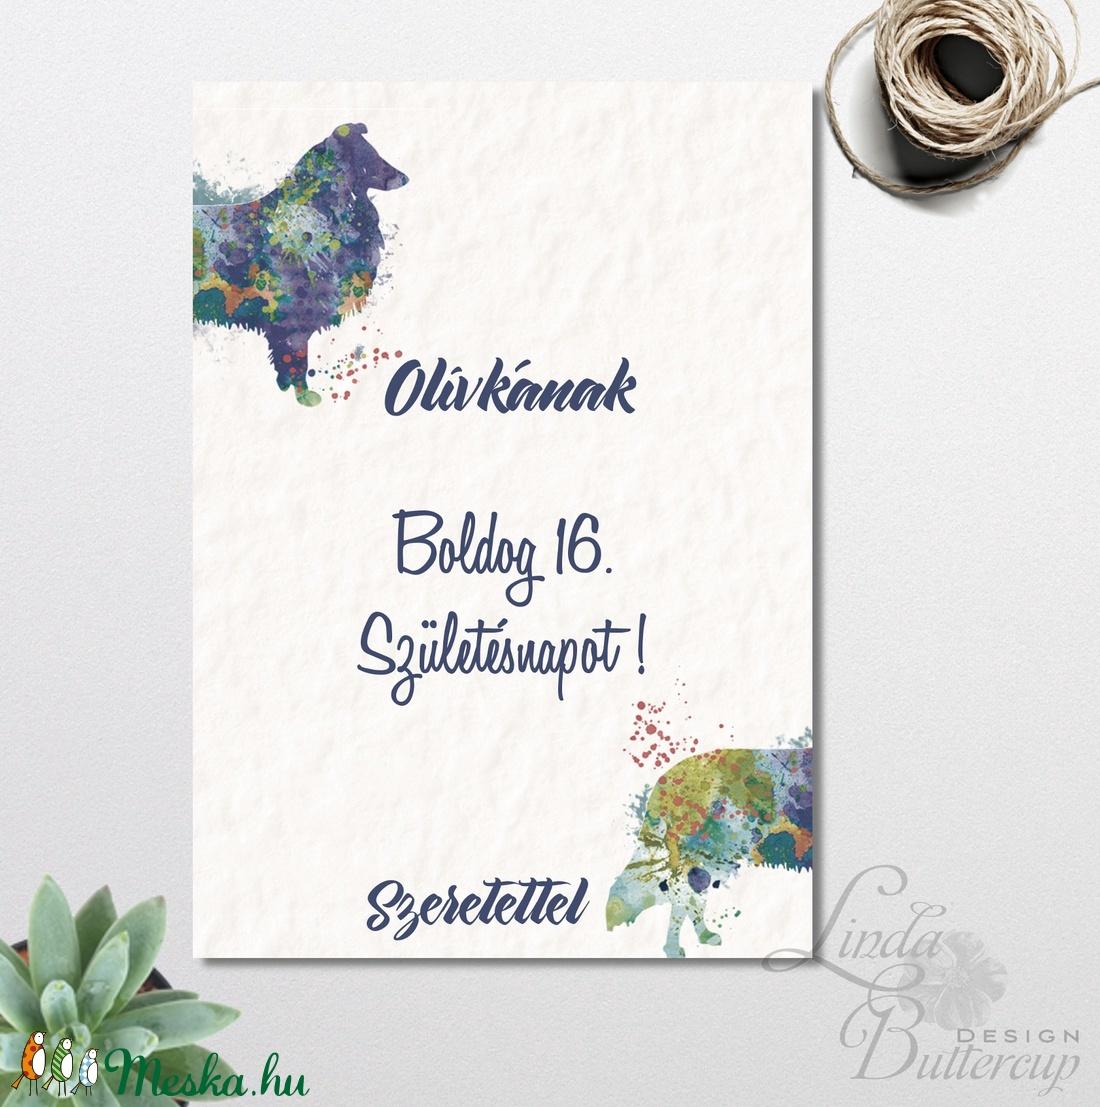 névre szóló szülinapi képeslap Születésnapi Kutyás Képeslap, névre szóló lap, személyre szóló lap  névre szóló szülinapi képeslap